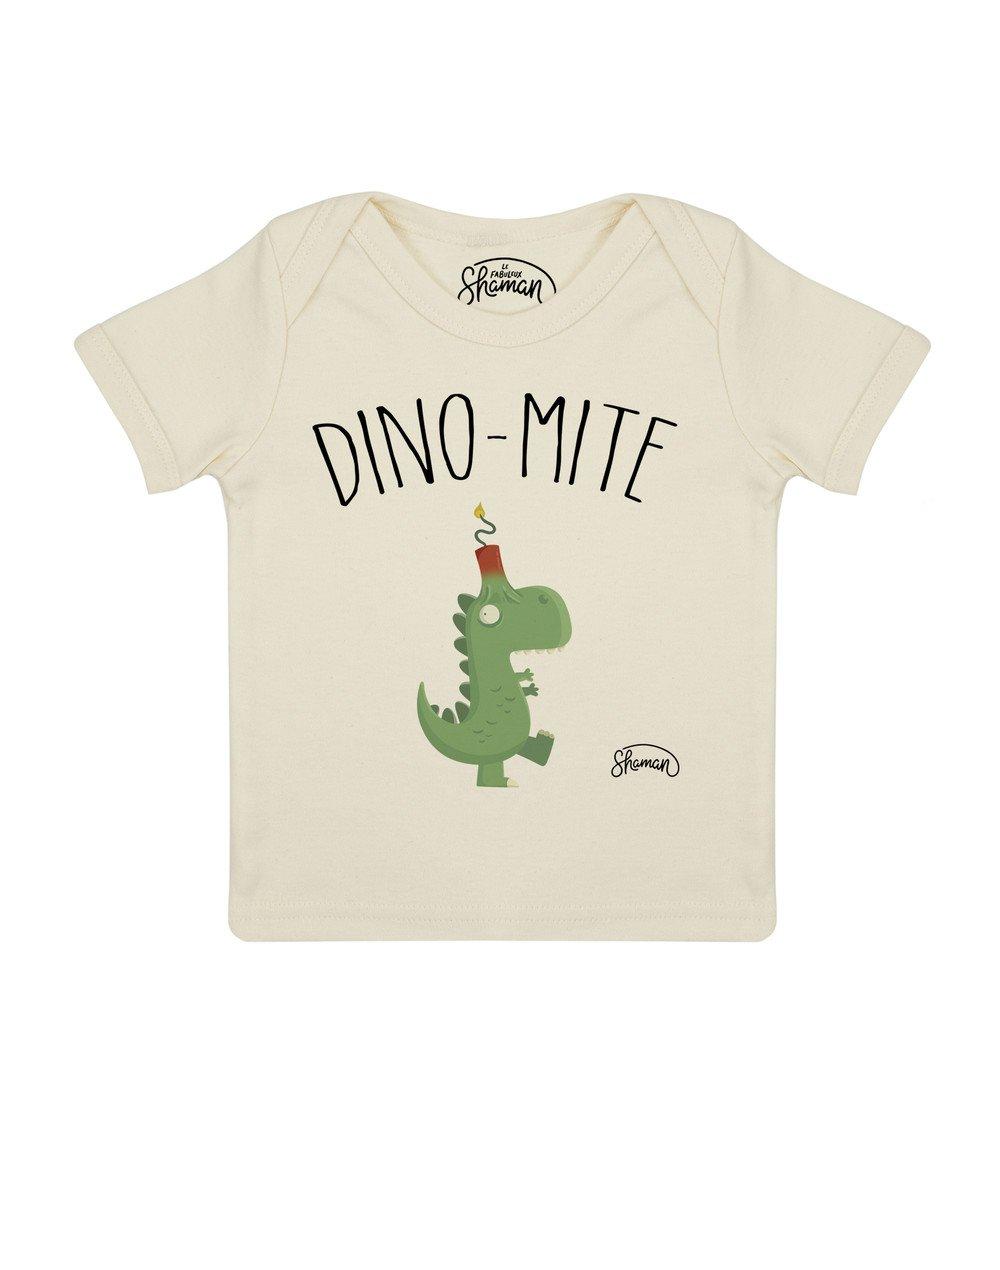 Tee shirt Dinomite